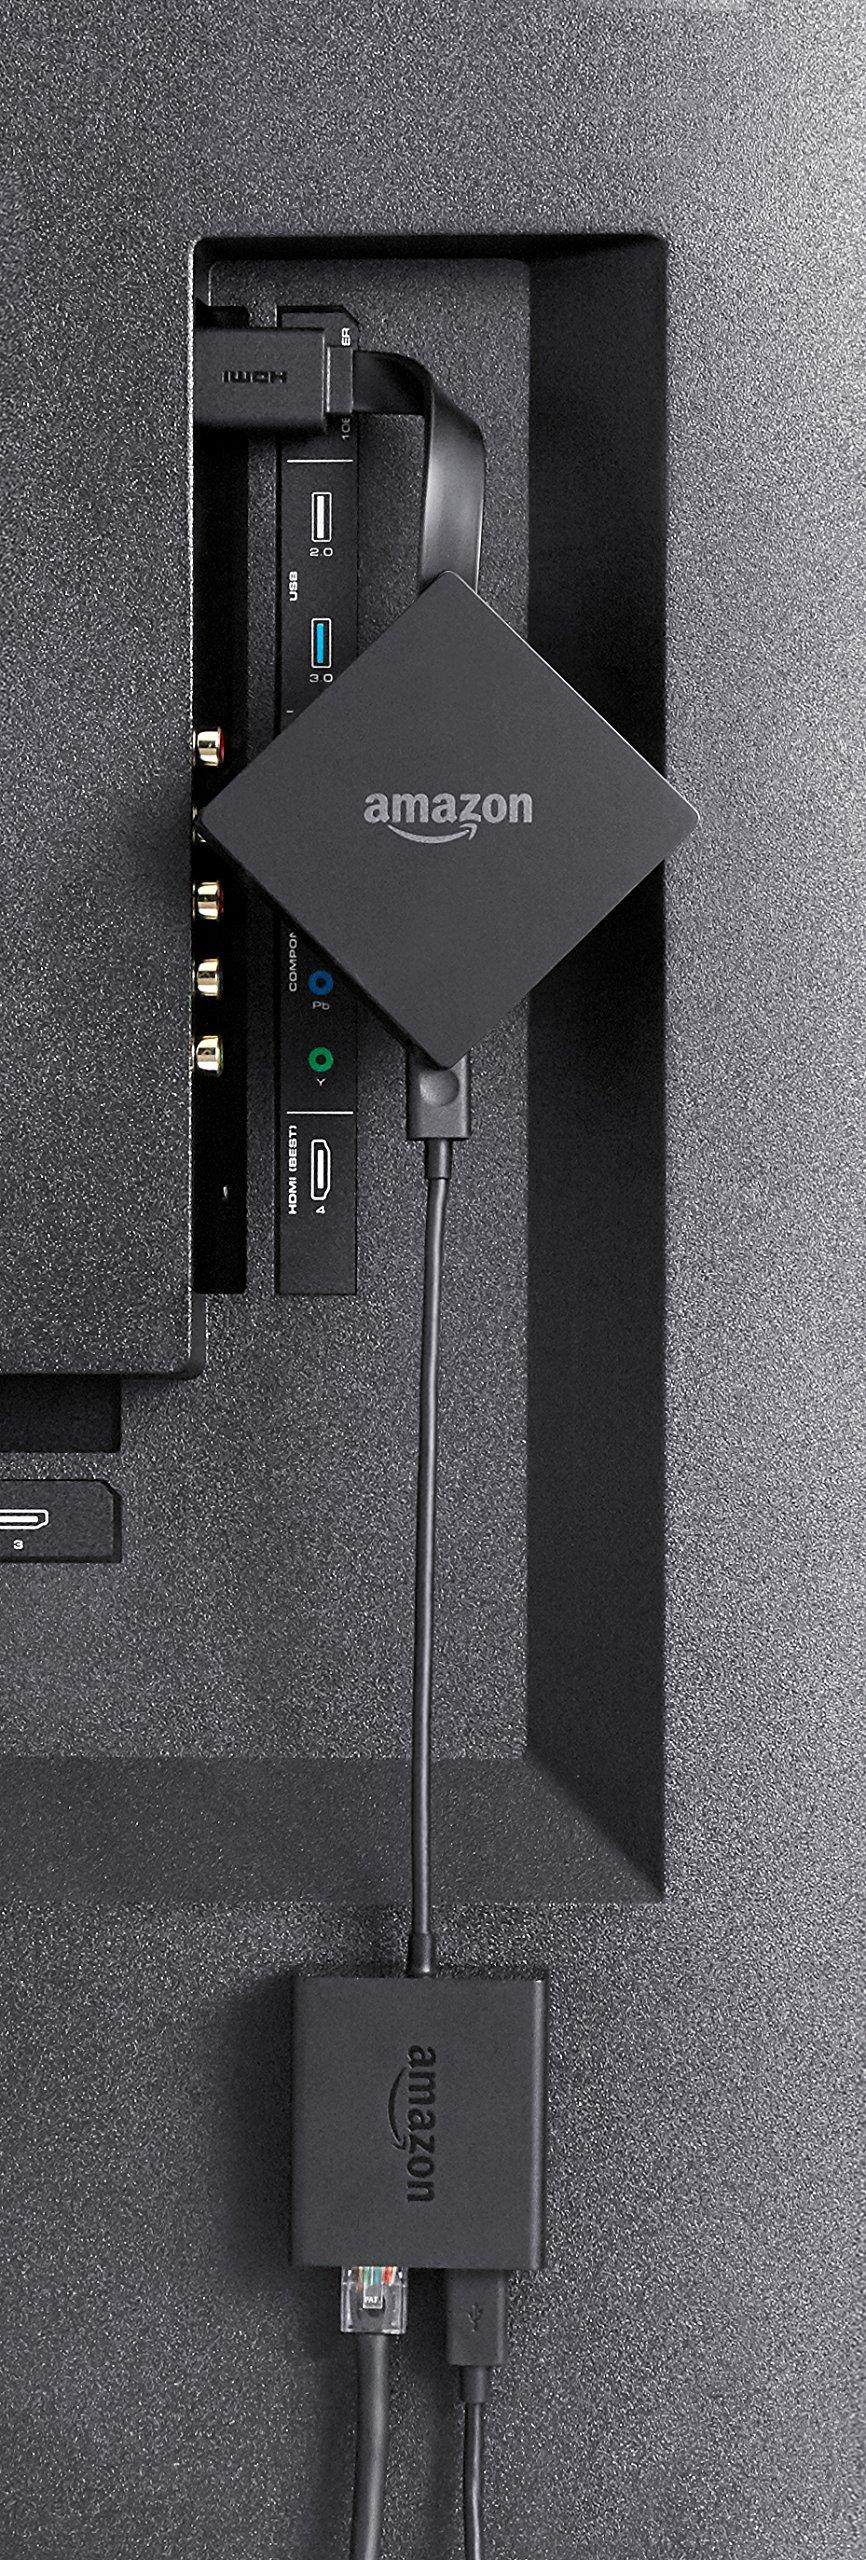 Amazon Ethernetadapter für Fire TV und Fire TV Stick mit Alexa-Sprachfernbedienung (2017 Modelle), Fire TV Stick Basic-Edition und Fire TV Stick 4K